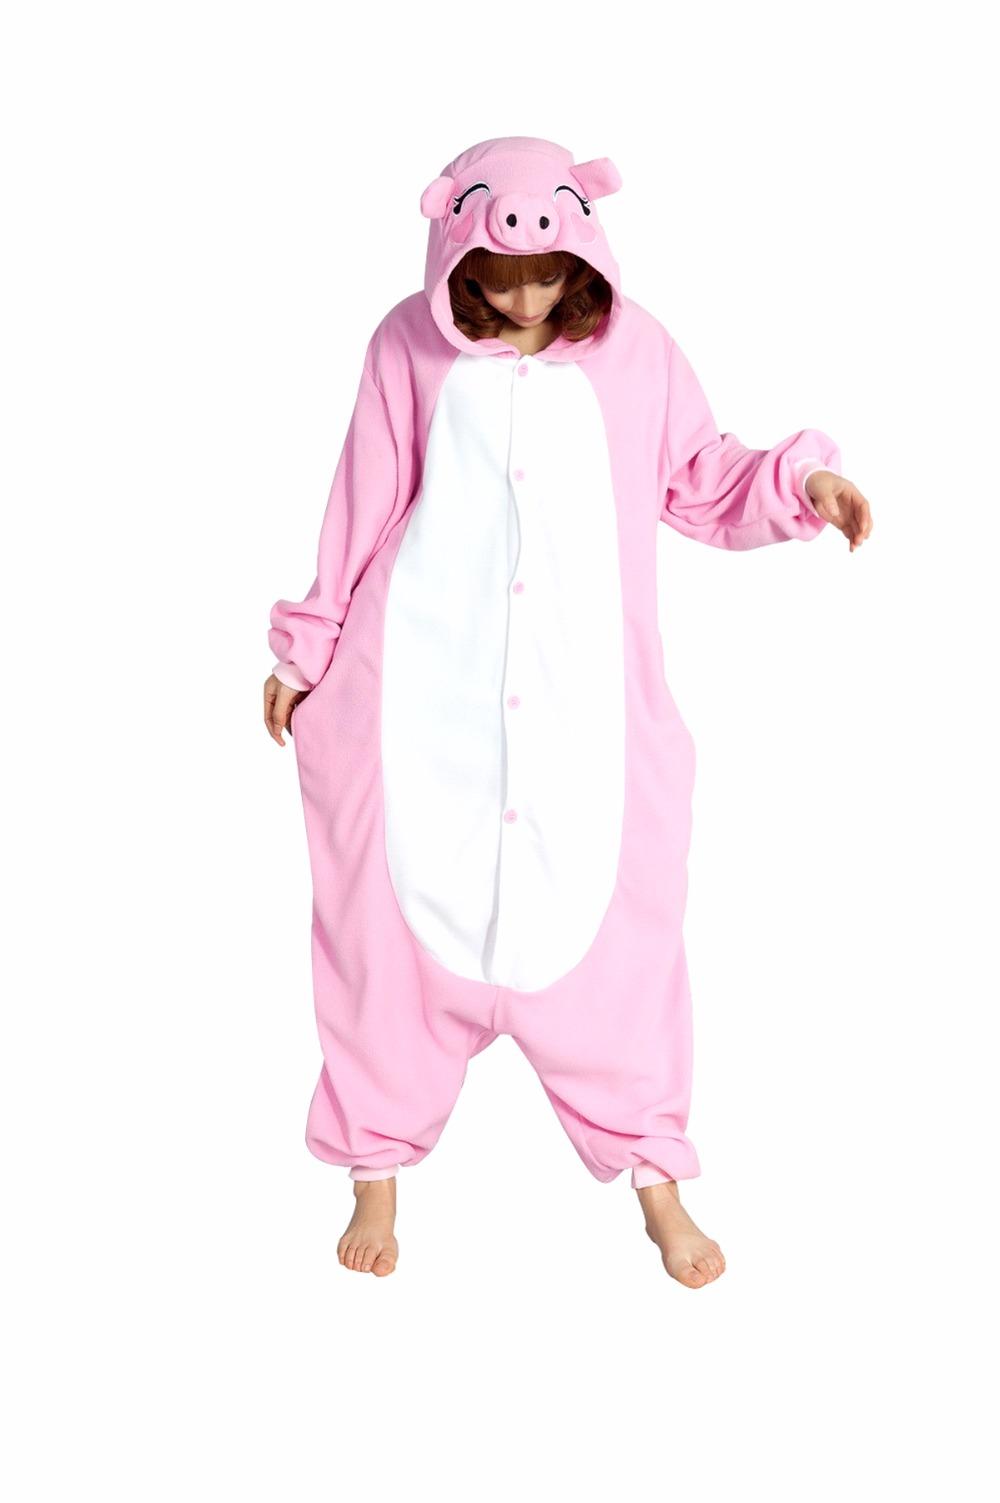 pink pig pajamas2